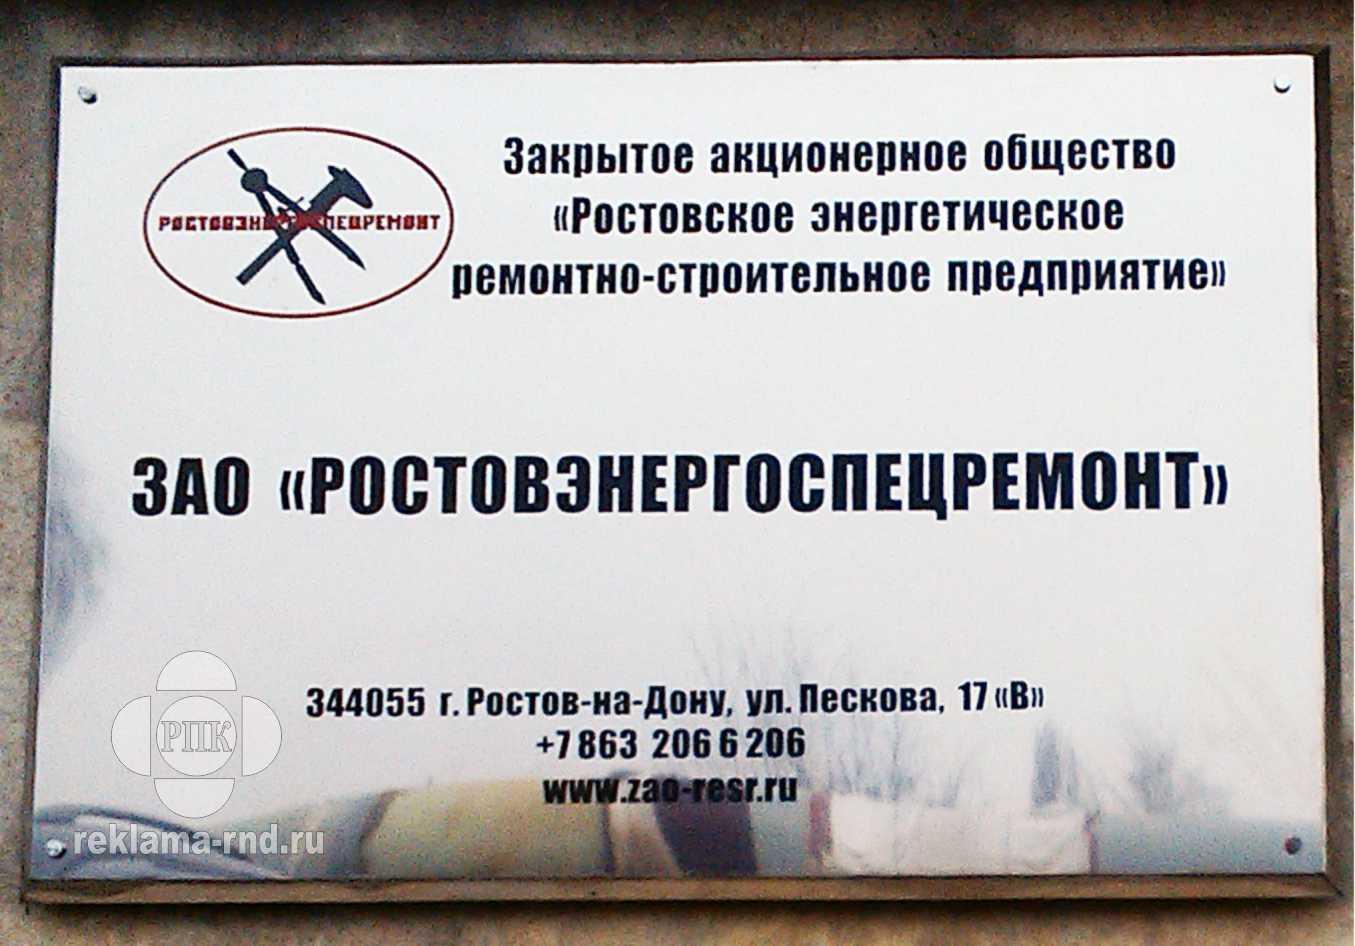 В нашей компании изготовлены таблички из металла с объемными фасками и стальными заглушками, заказ выполнен для компании из Ростова-на-Дону.